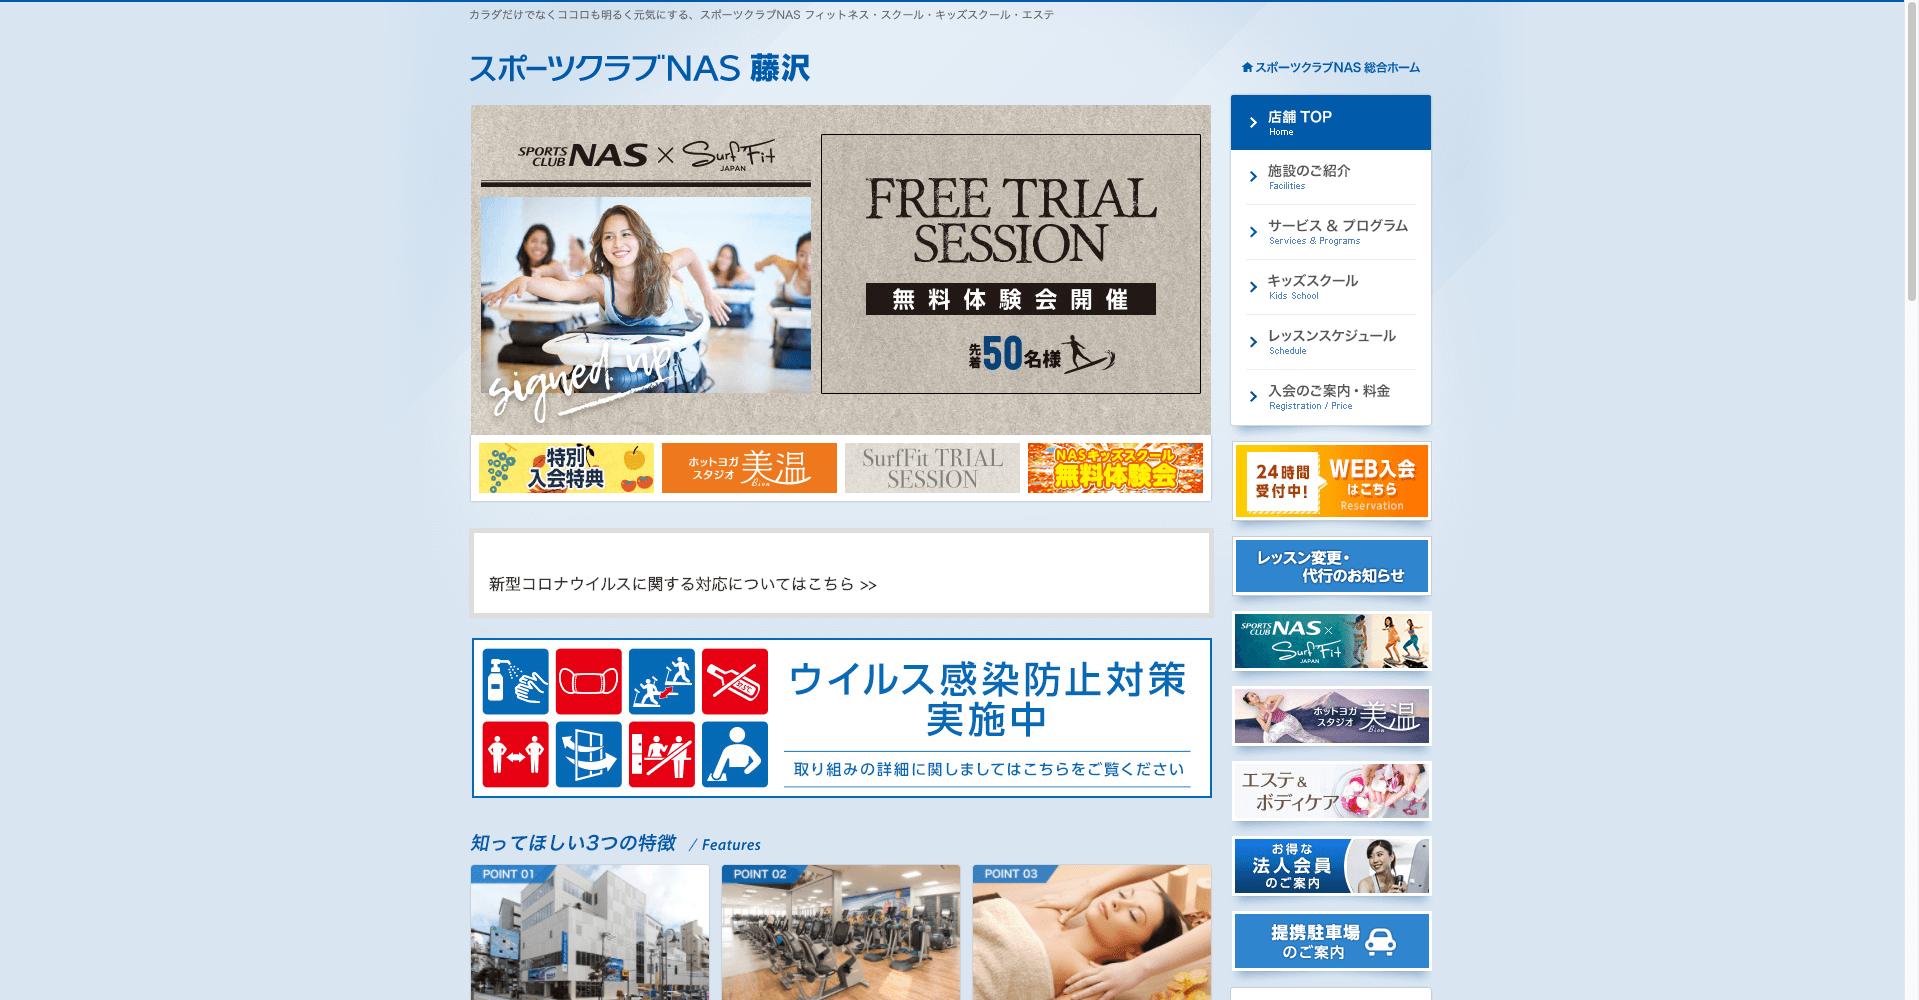 スポーツクラブ NAS藤沢